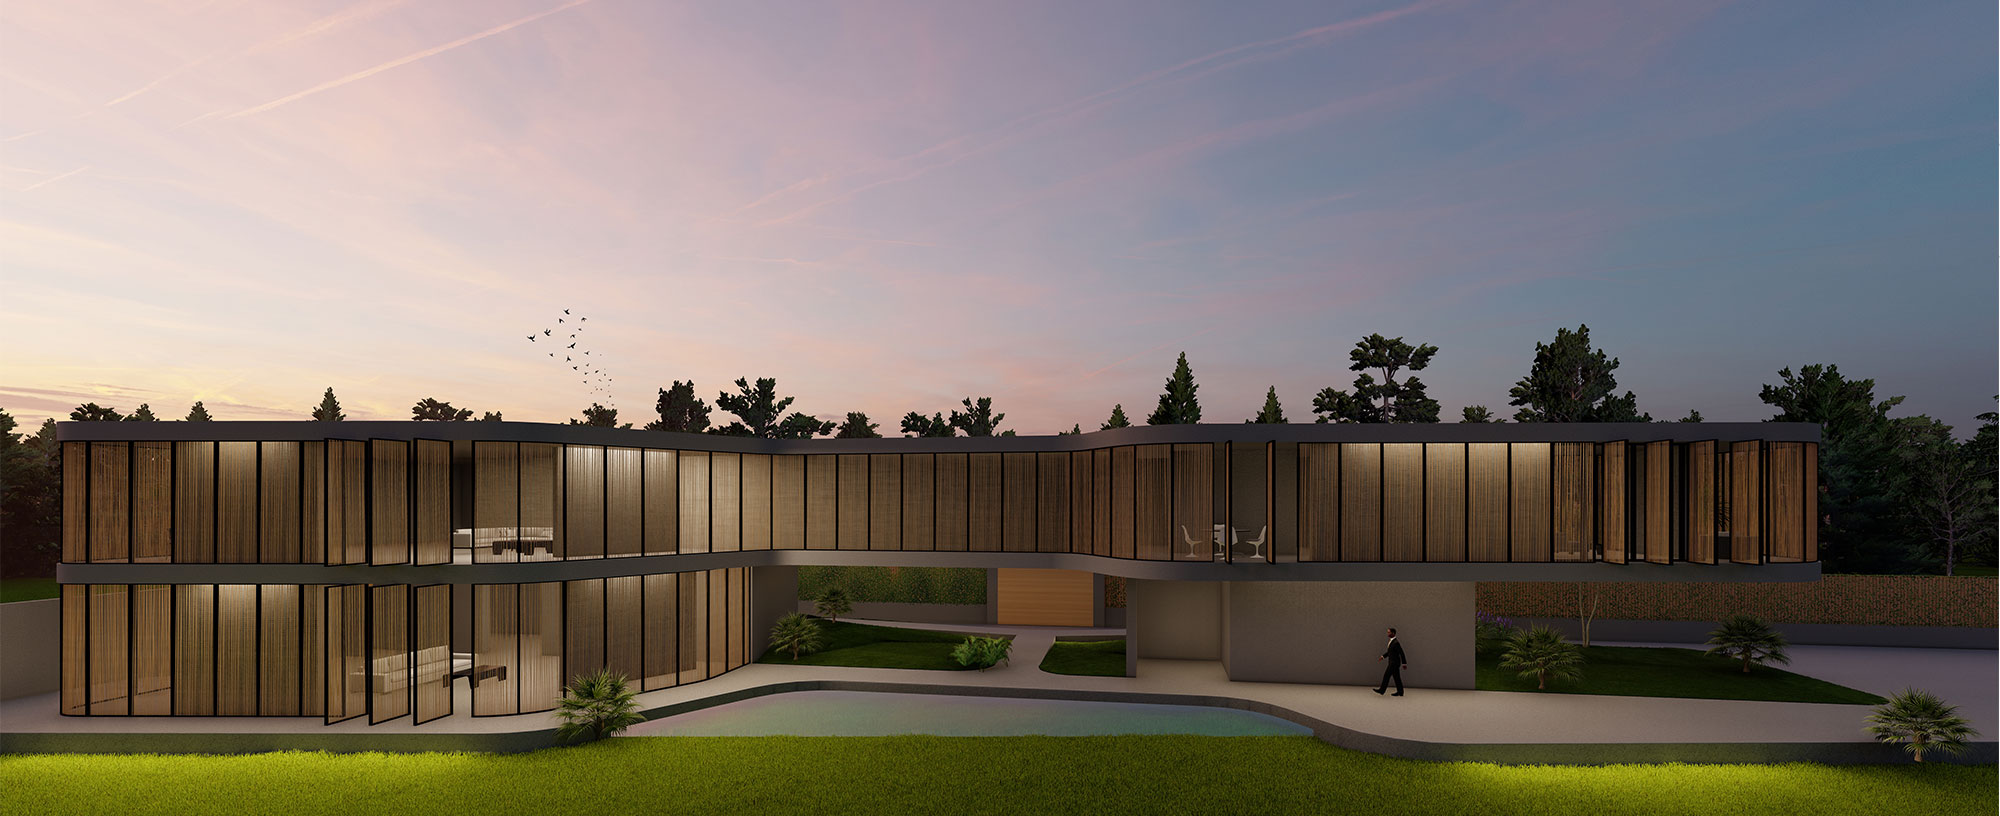 210203_Portada-BLOG_921_Nuevo-proyecto-en-la-web_Cohousing_SanJuan